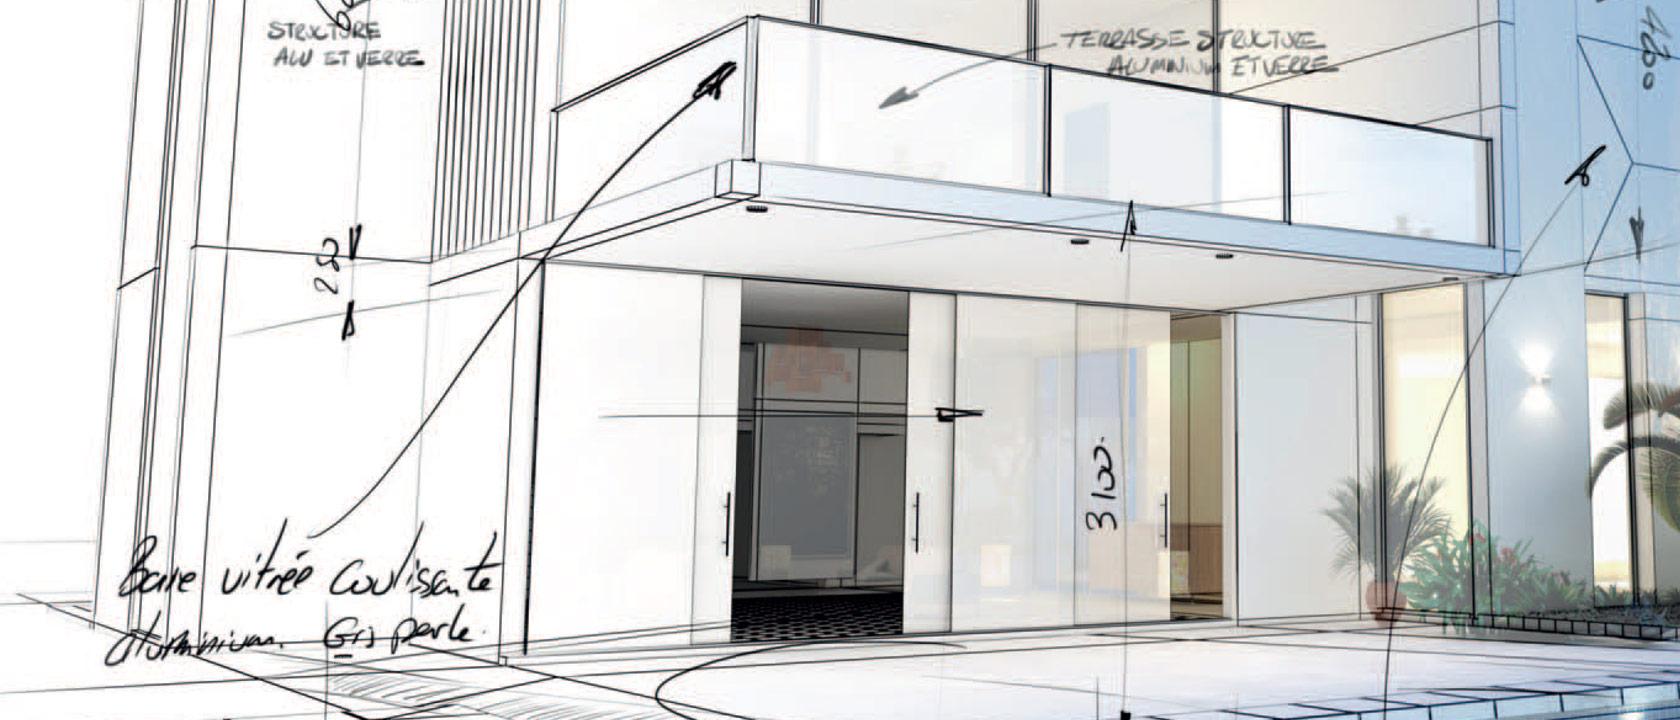 Impresa-Curti-Costruzioni-Como-Come-Lavoriamo-header-001.jpg